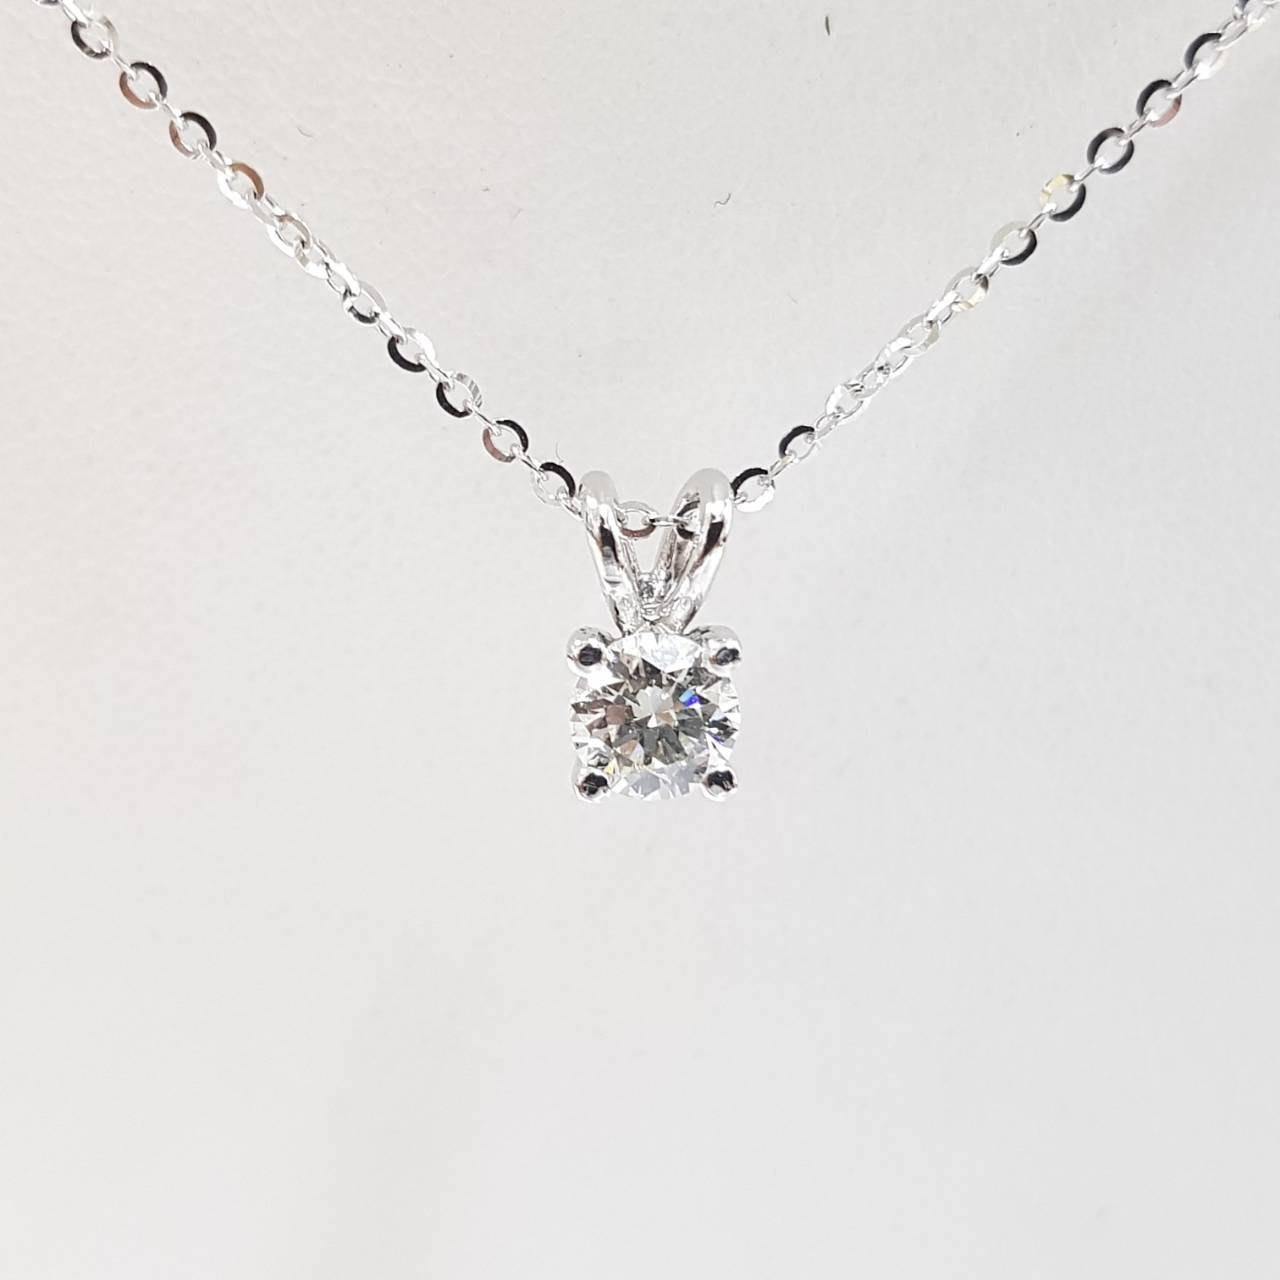 送禮禮物禮品 全新品 GIA鑽石項鍊 主石50分 3EX完美車工 750K金墜台 義大利項鍊 大眾當舖 編號3903